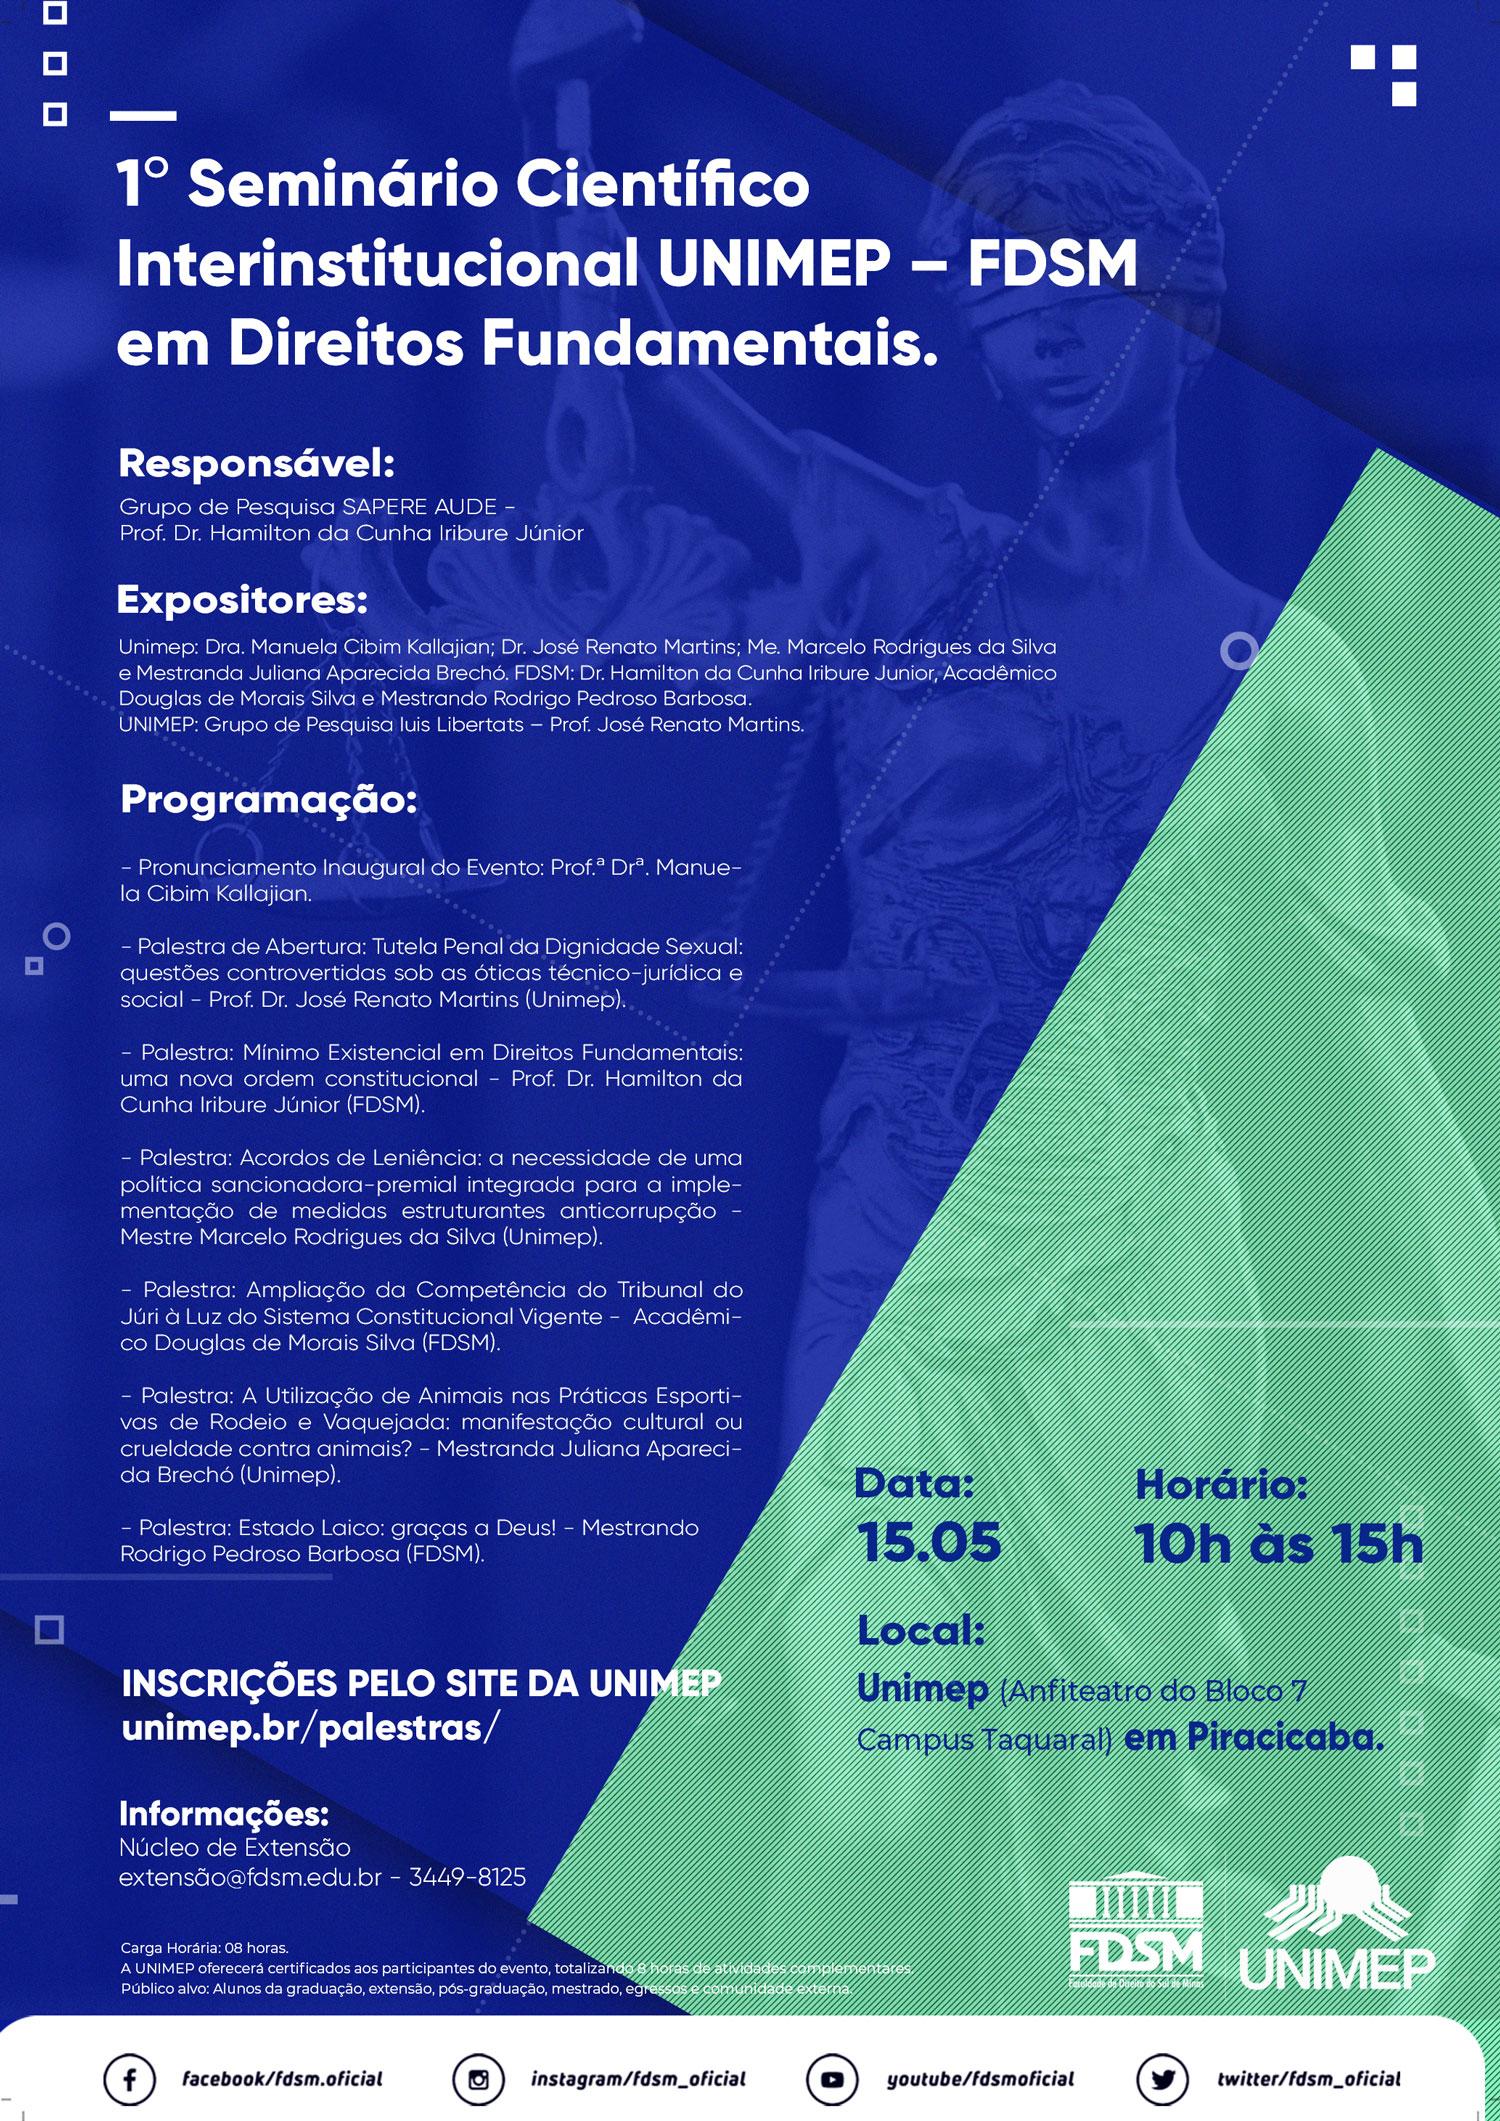 Cód 466:  1º Seminário Científico Interinstitucional UNIMEP - FDSM em...